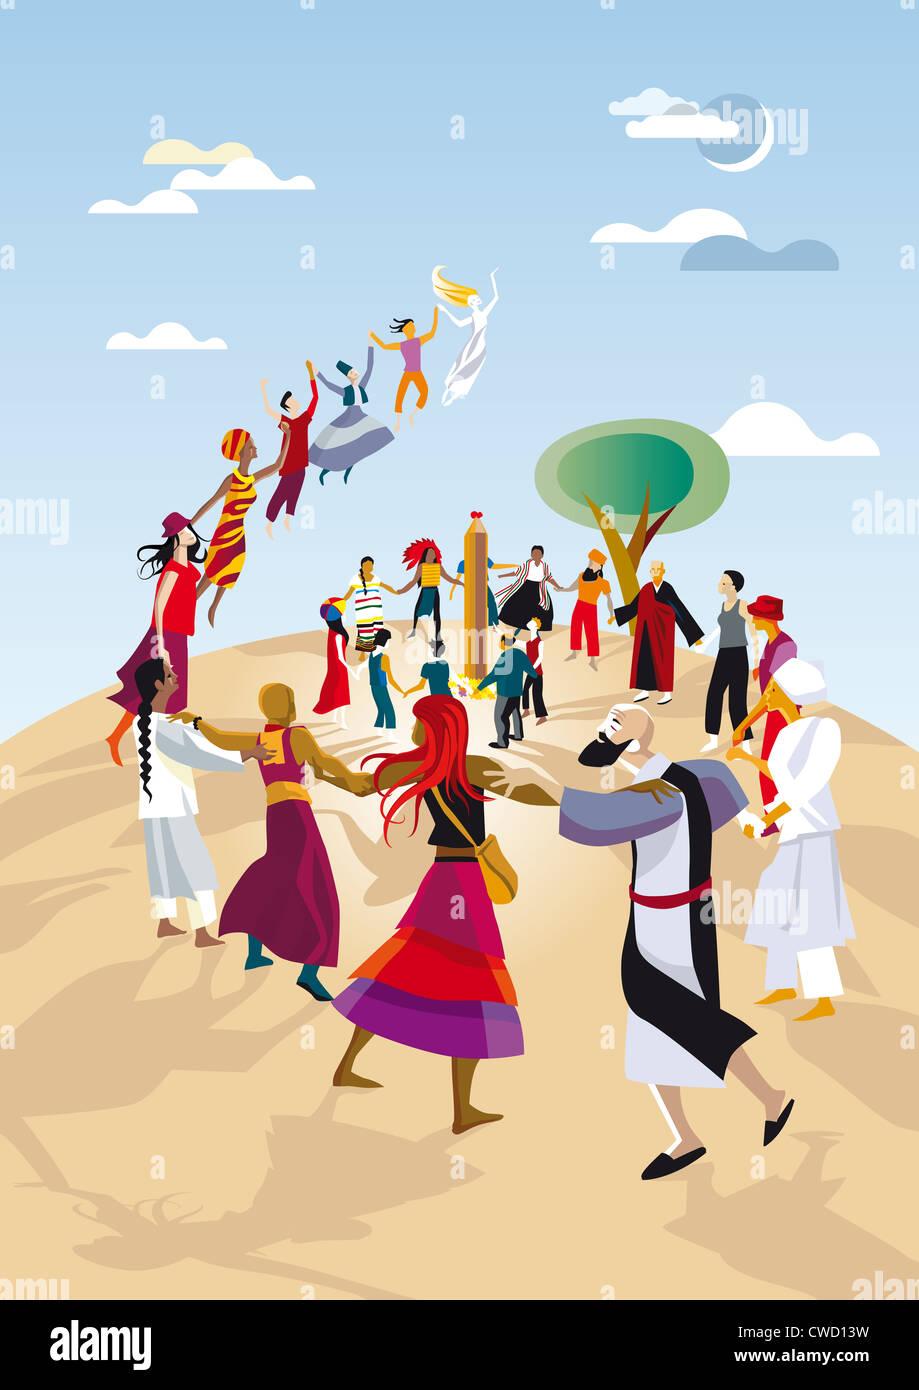 Eine Gruppe von Praktikern verschiedener Religionen machen Sie einen Kreis und verbinden ihre Hände in einer Stockbild